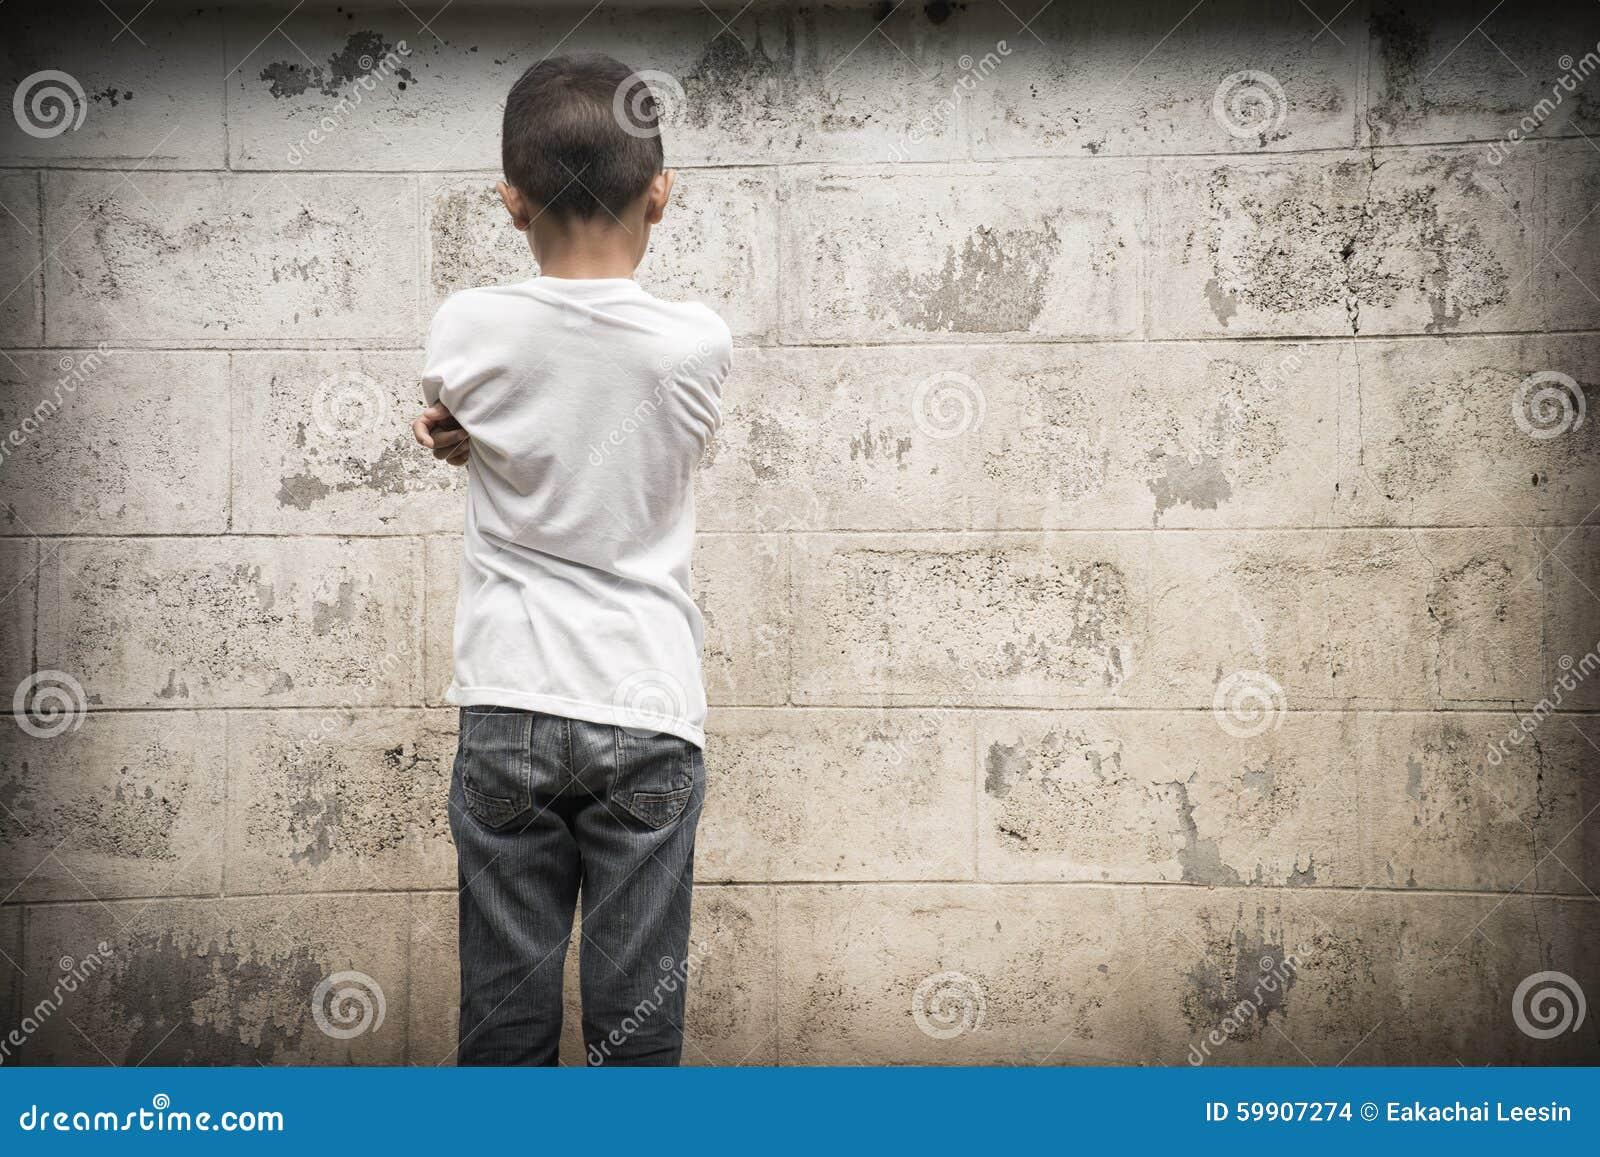 人身诬蔑,孩子害怕和单独